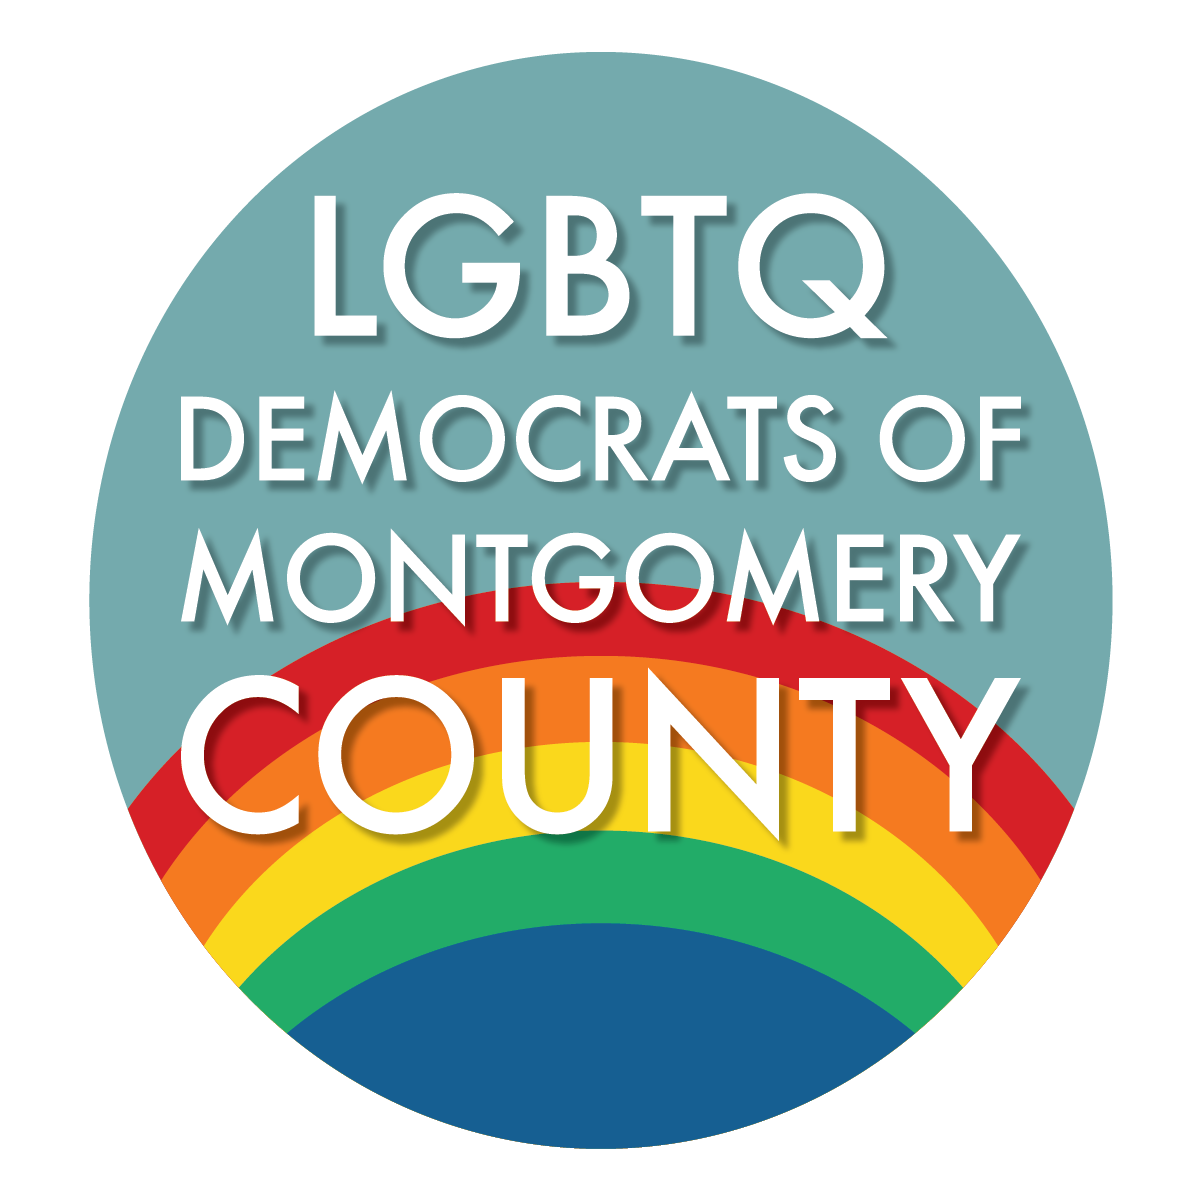 LGBTQ Democrats logo